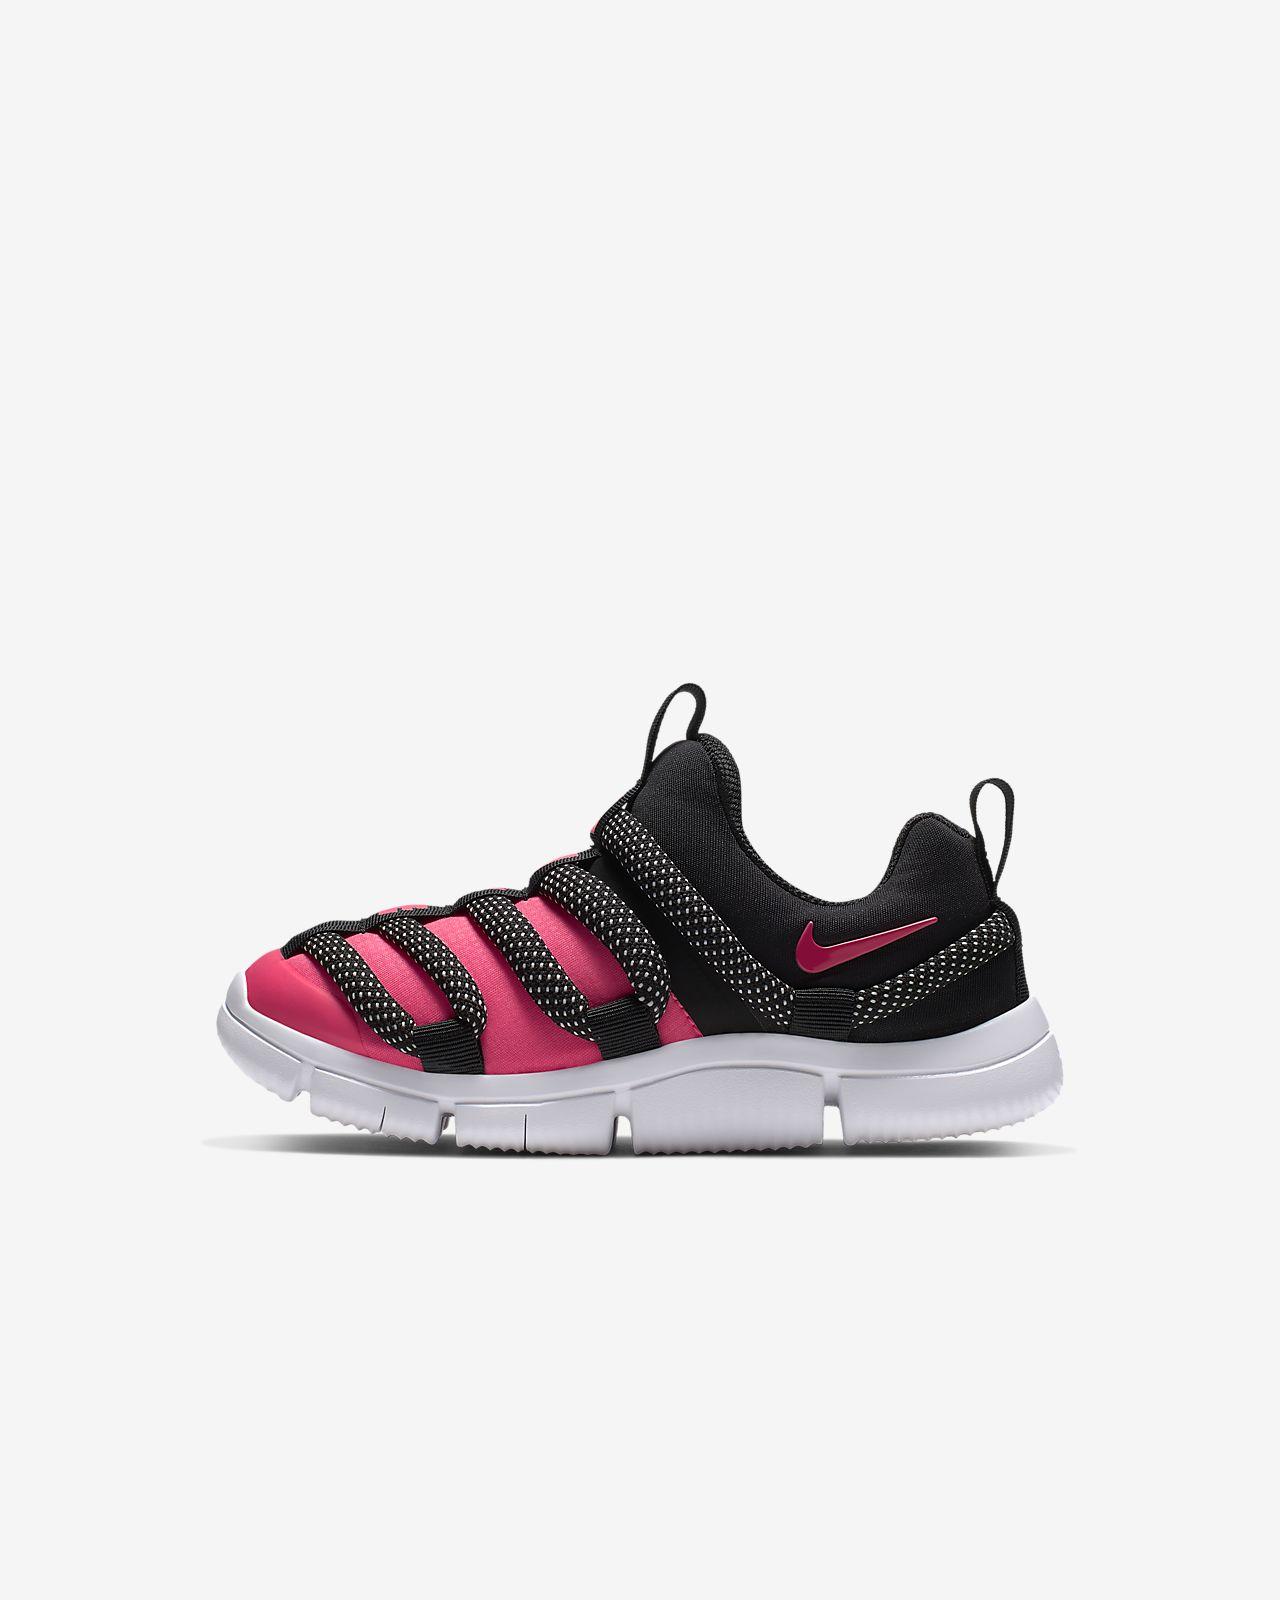 Nike Novice (PS) 幼童运动童鞋